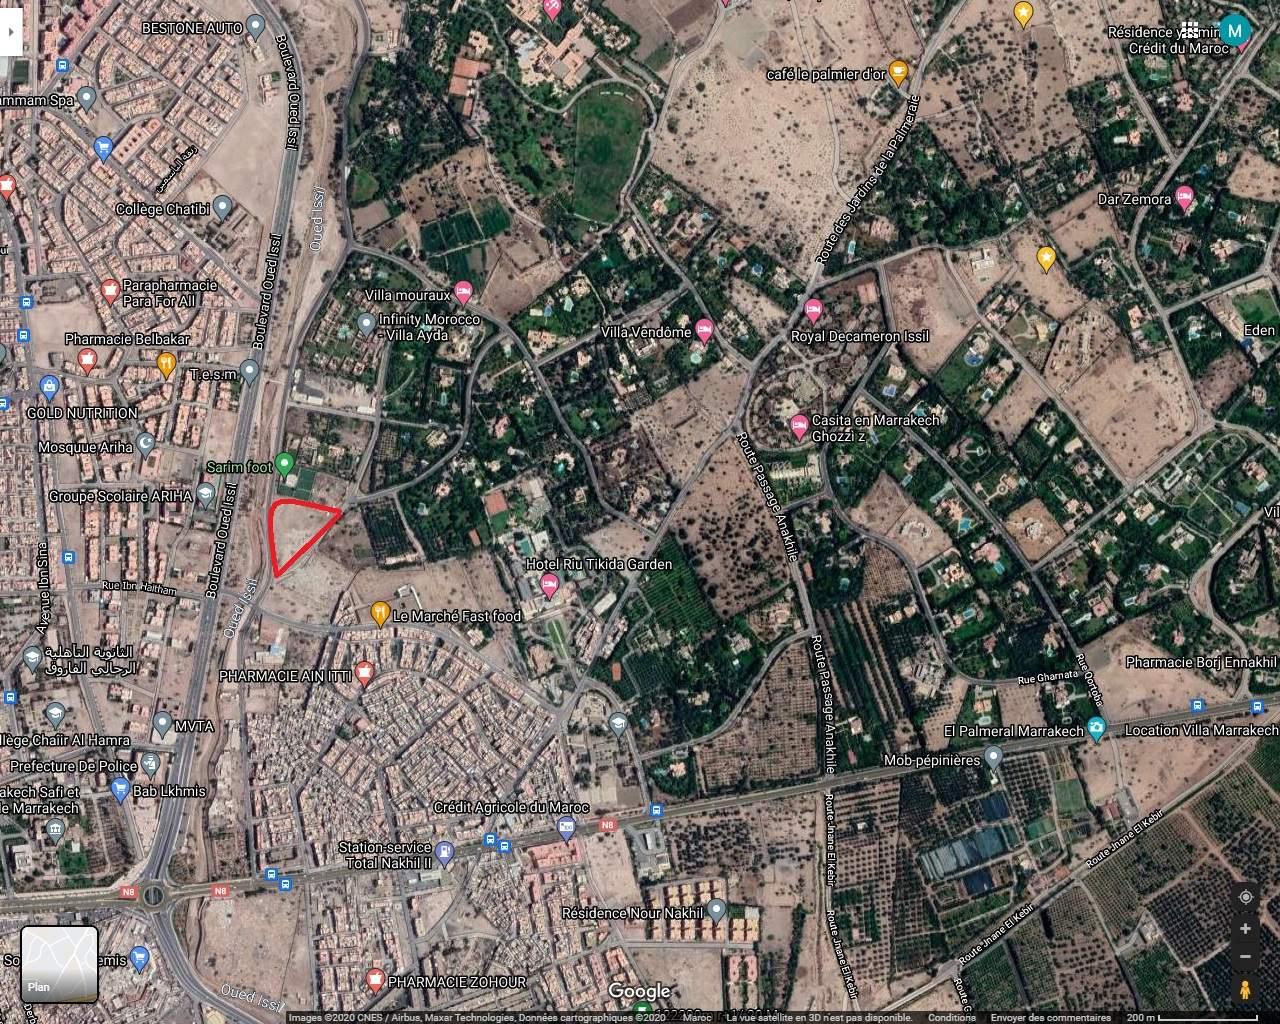 achat terrain Terrain villa Marrakech Palmeraie Circuit Palmeraie